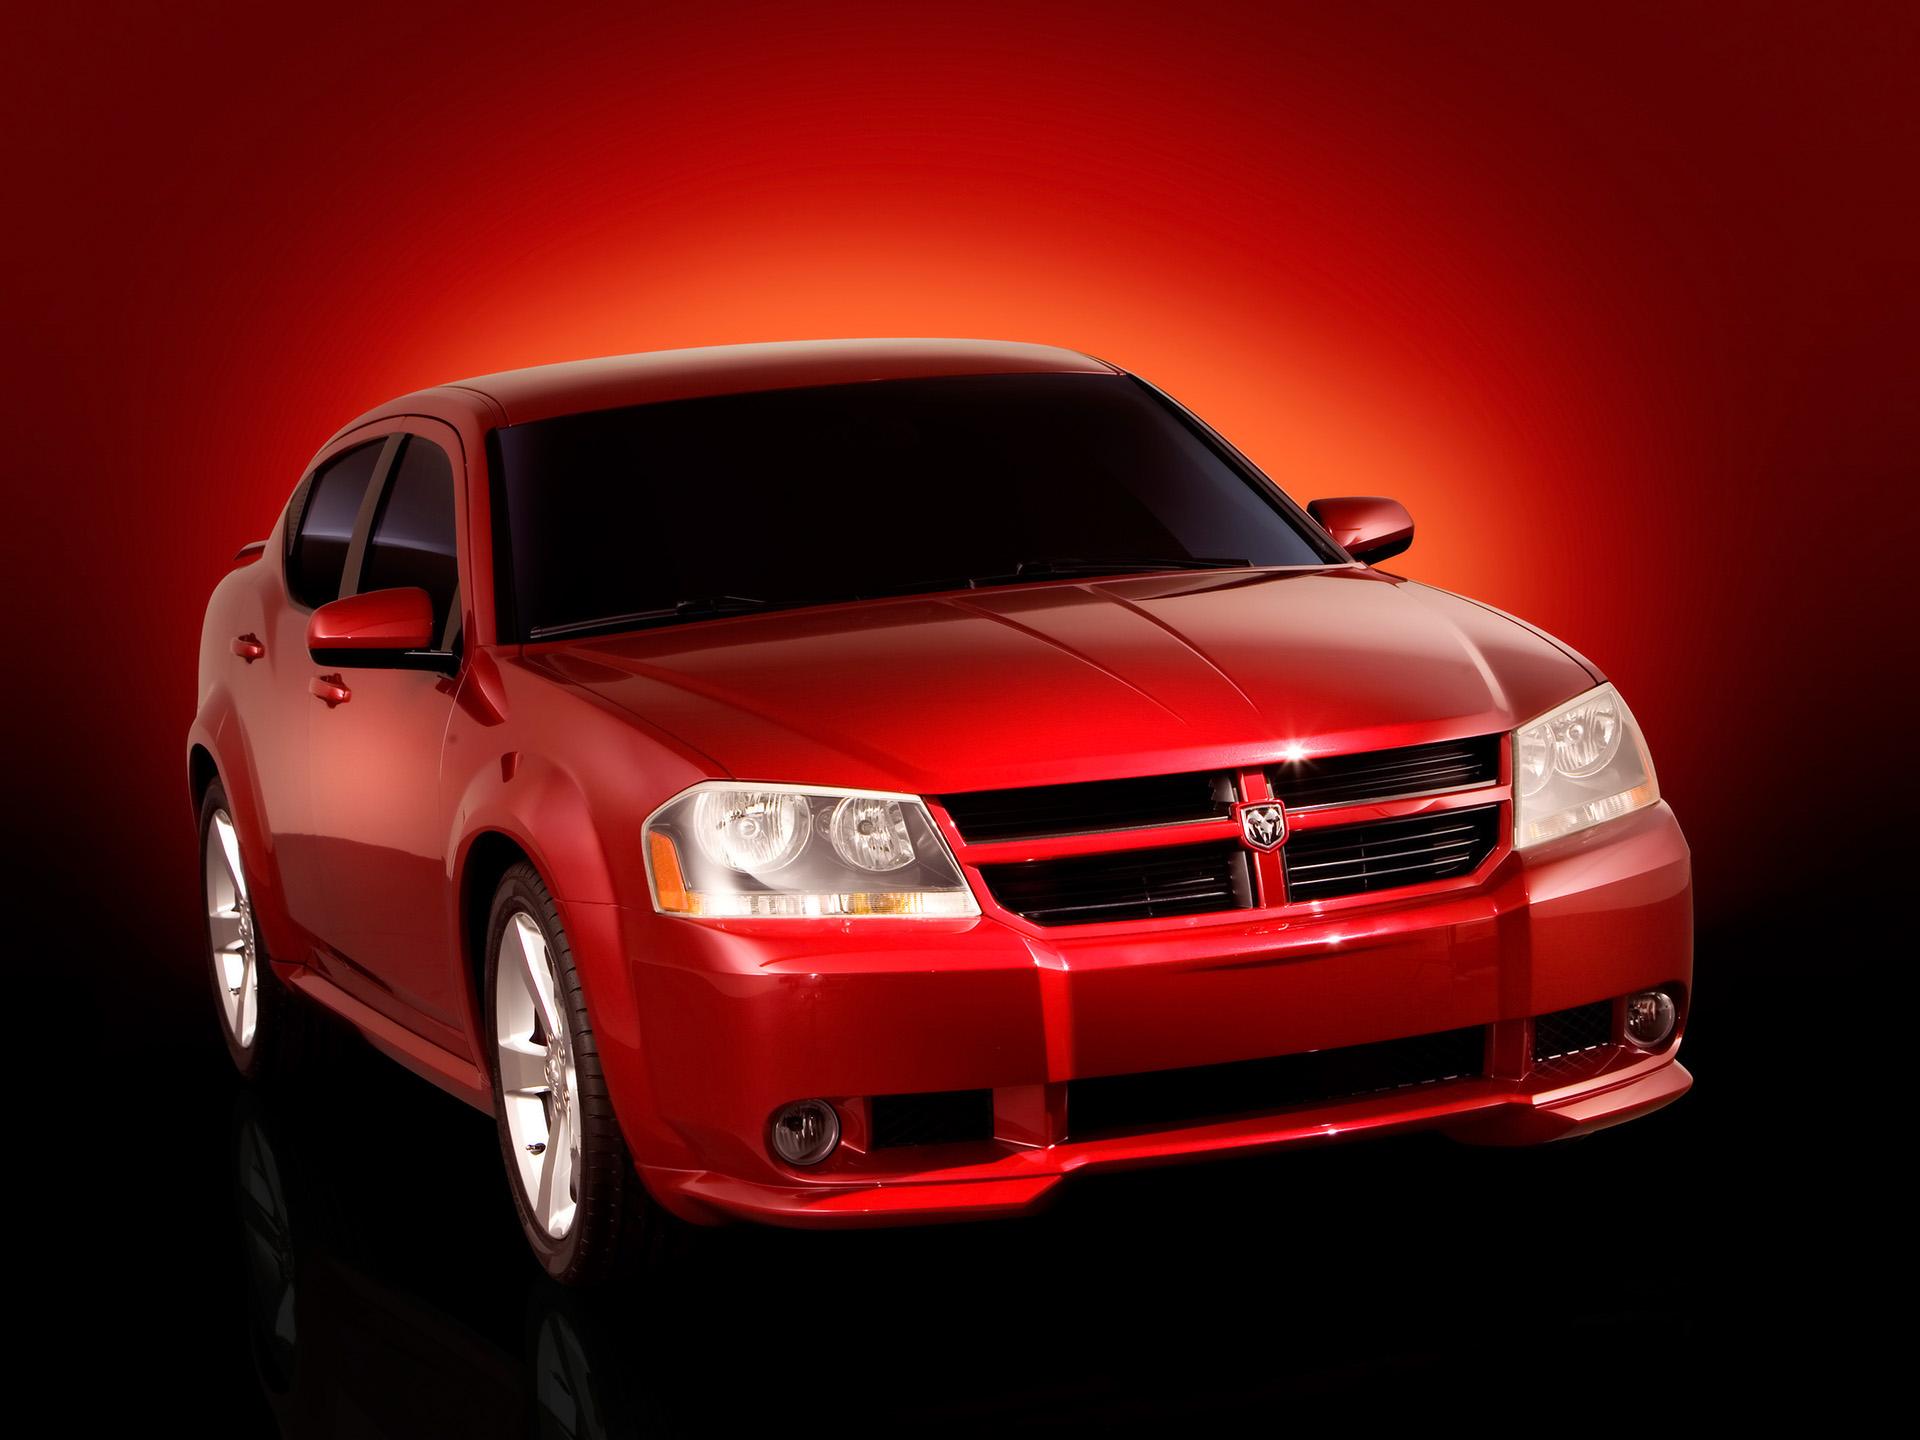 друзей, картинка легковой машины красного цвета хозяину будет трудно